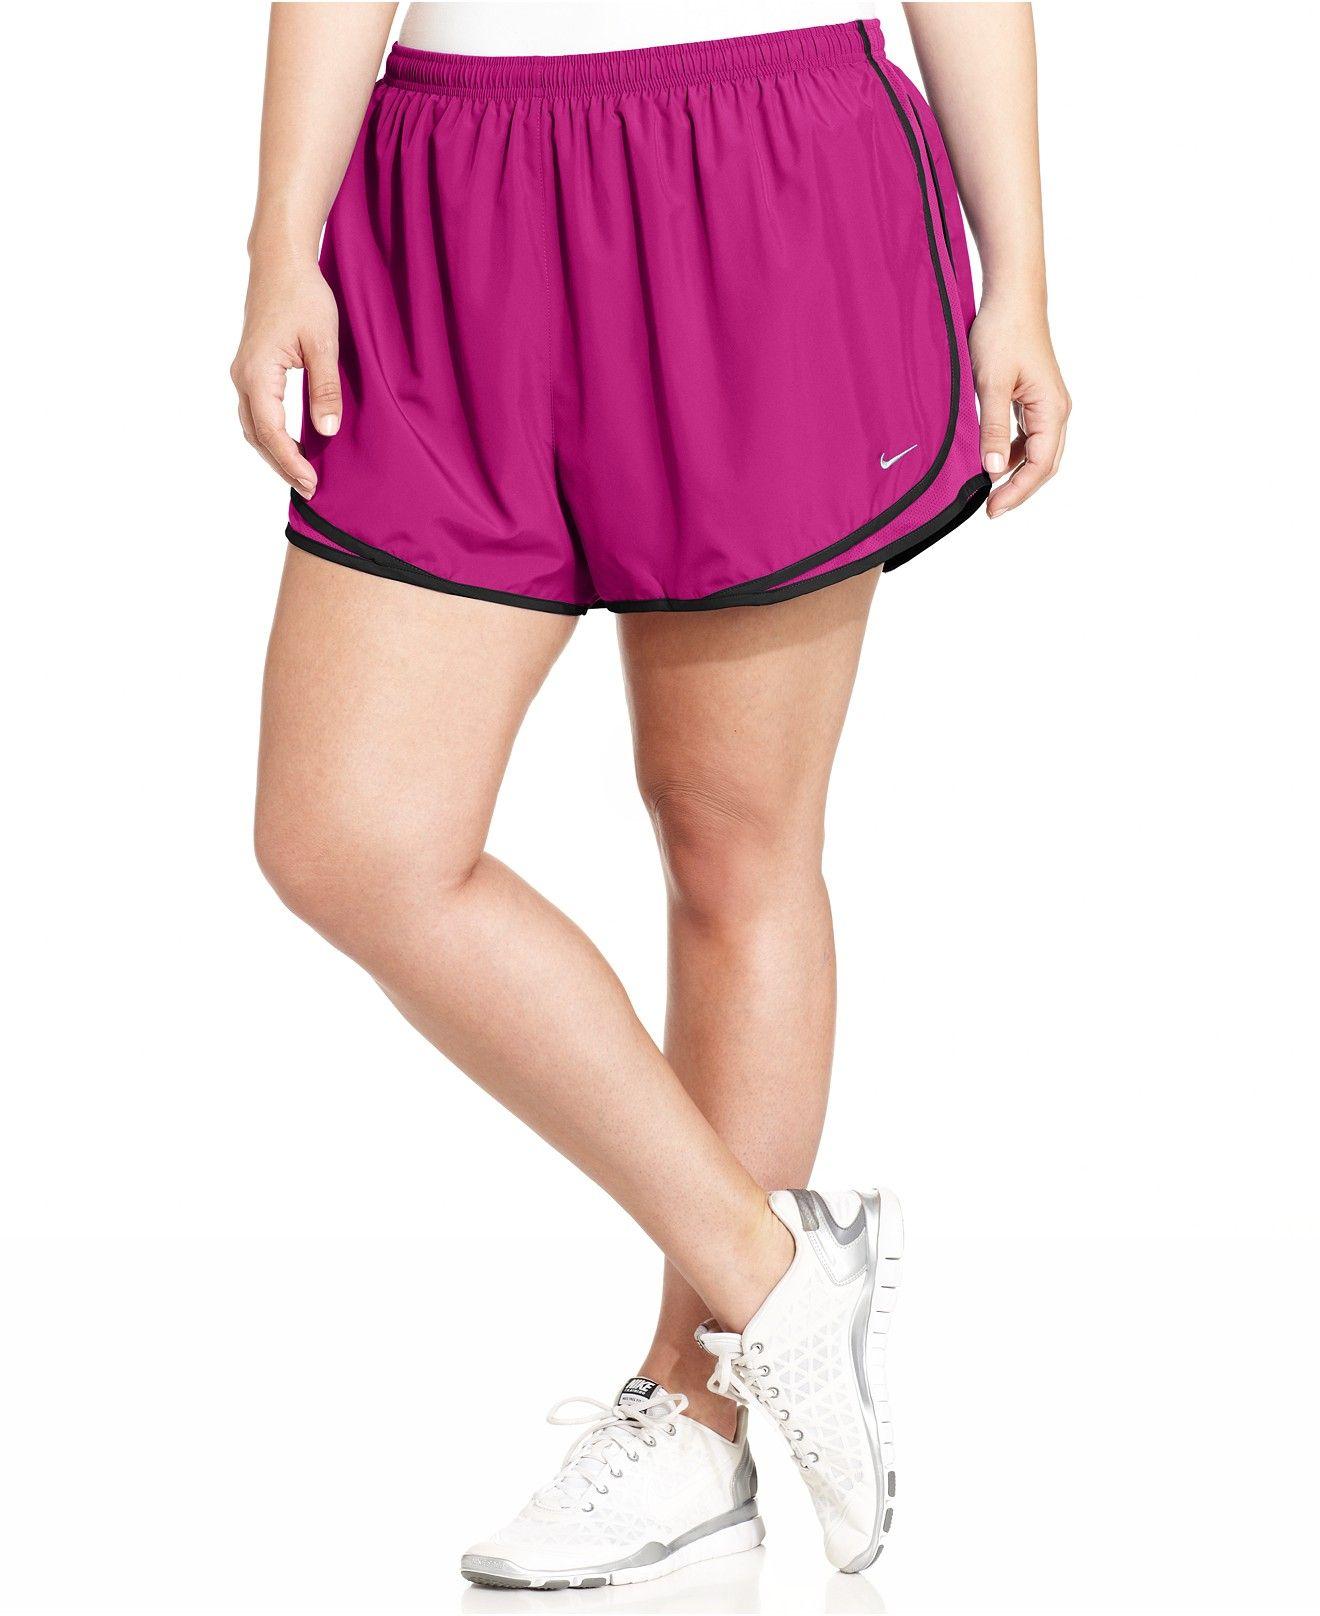 28ea0c24e0f Nike Plus Size Tempo Dri-FIT Track Shorts - Shorts - Plus Sizes - Macy s